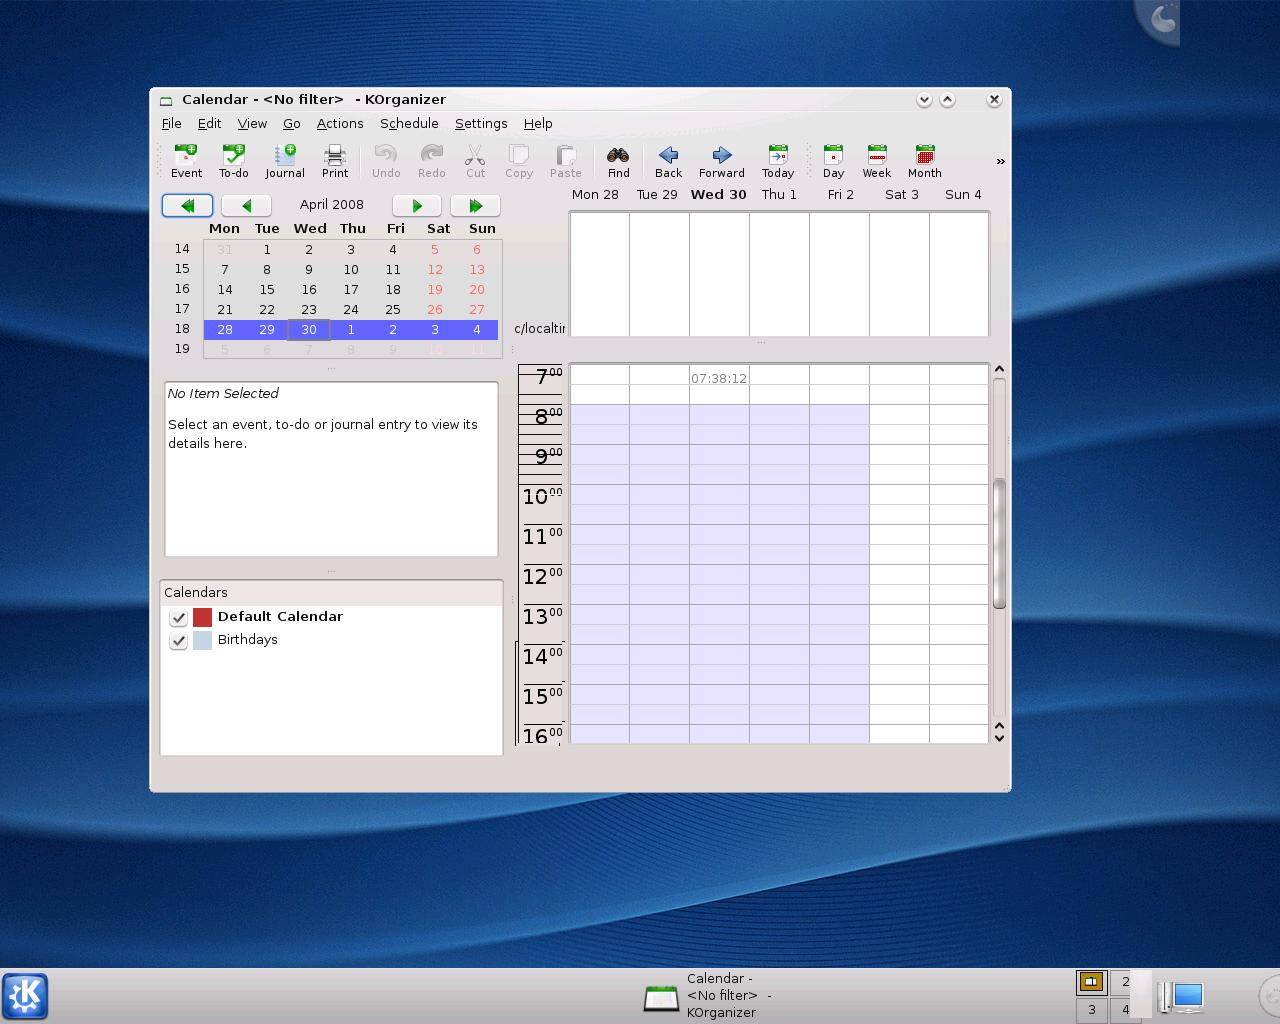 Erste Vorschau auf KDE 4.1 veröffentlicht - KOrganizer in KDE 4.1